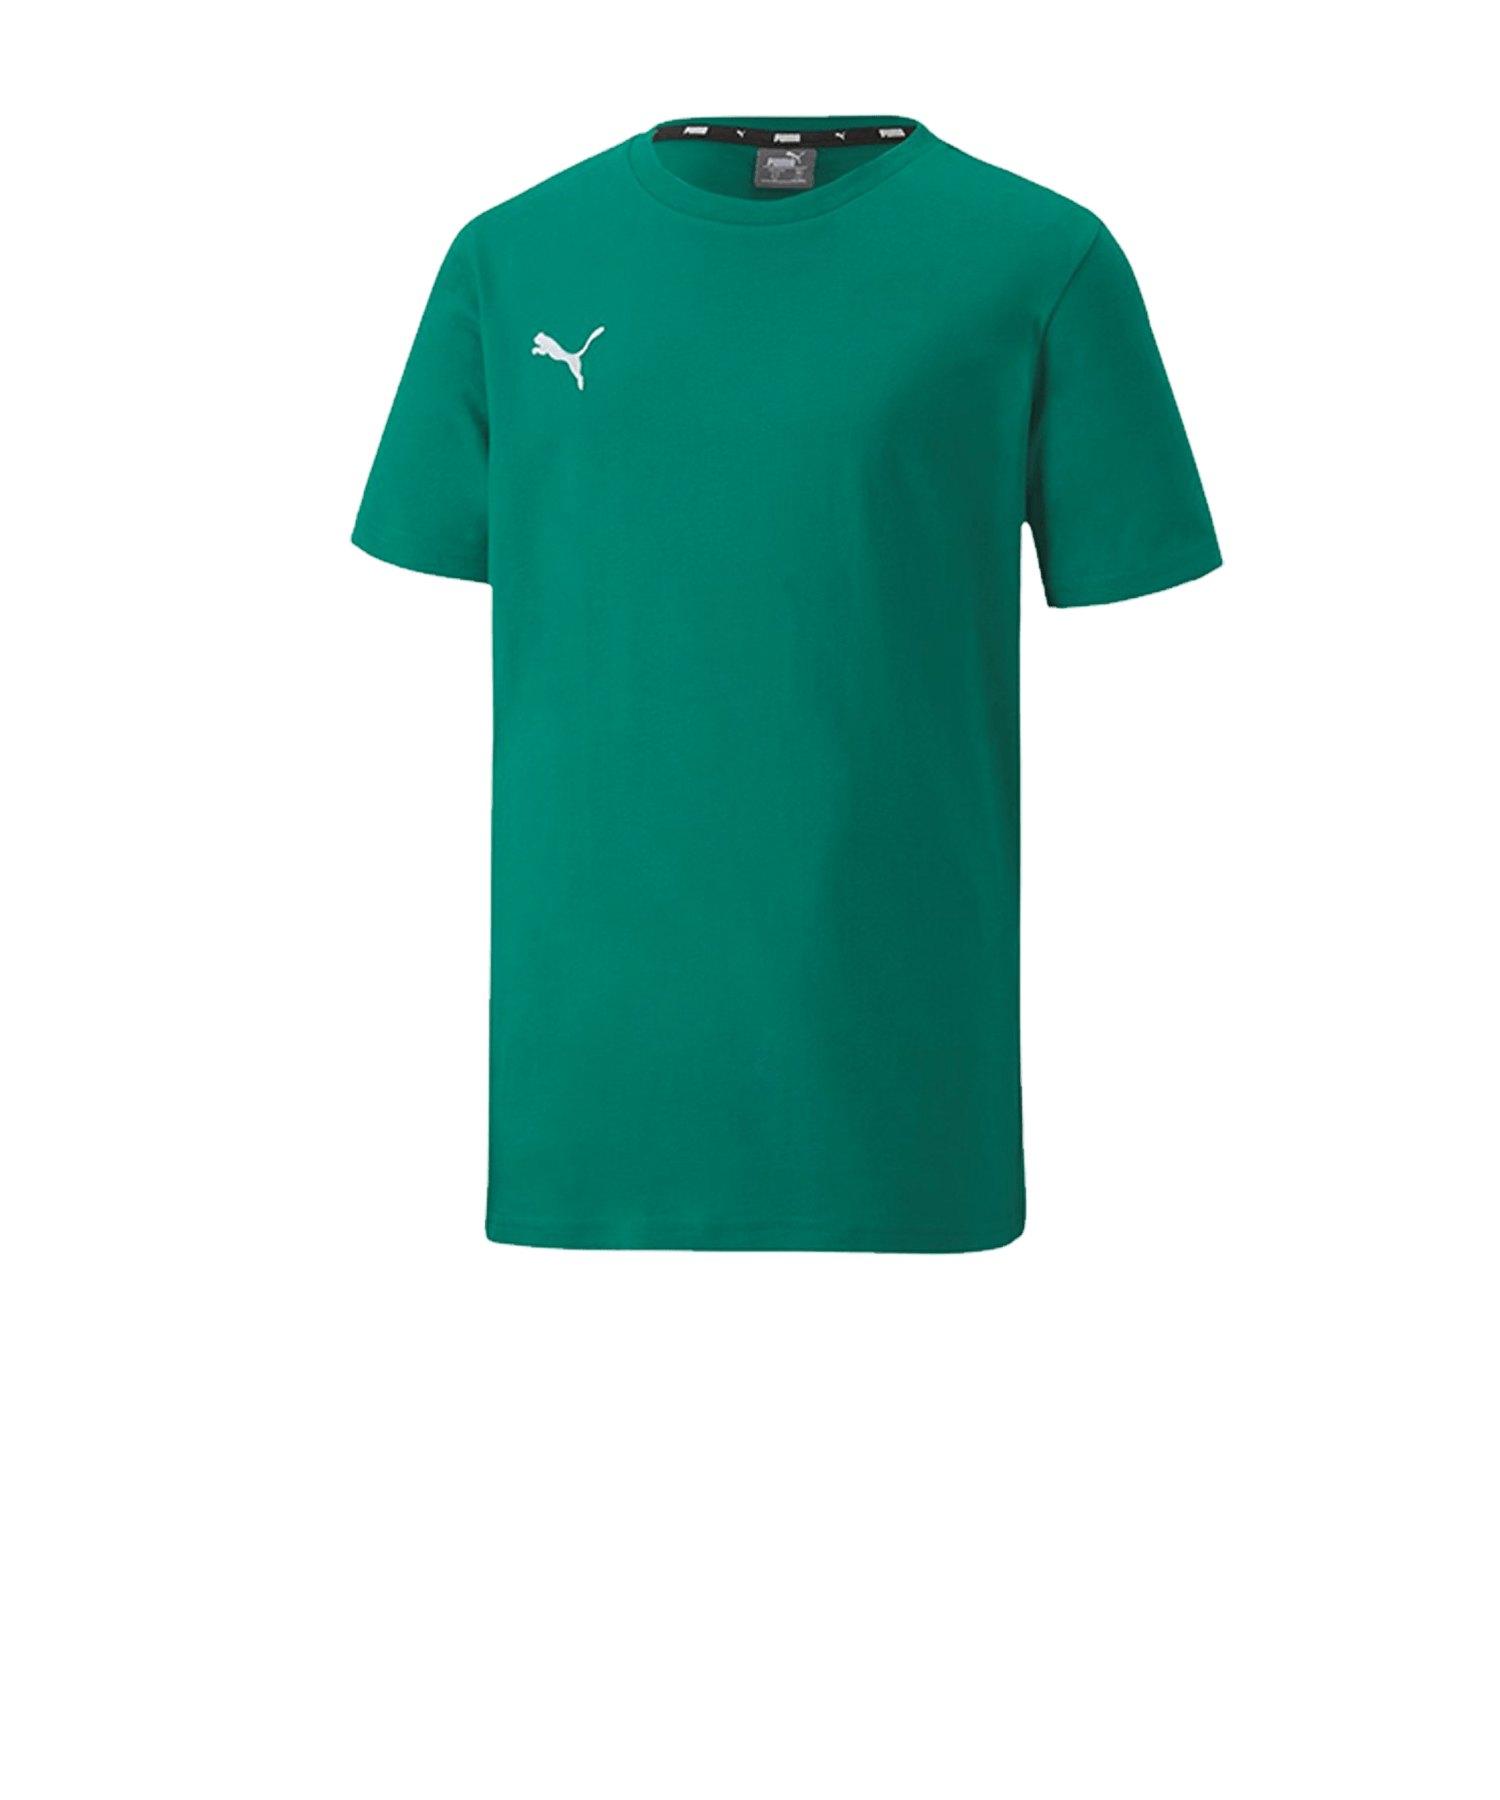 PUMA teamGOAL 23 Casuals Tee T-Shirt Kids Grün F05 - Gruen